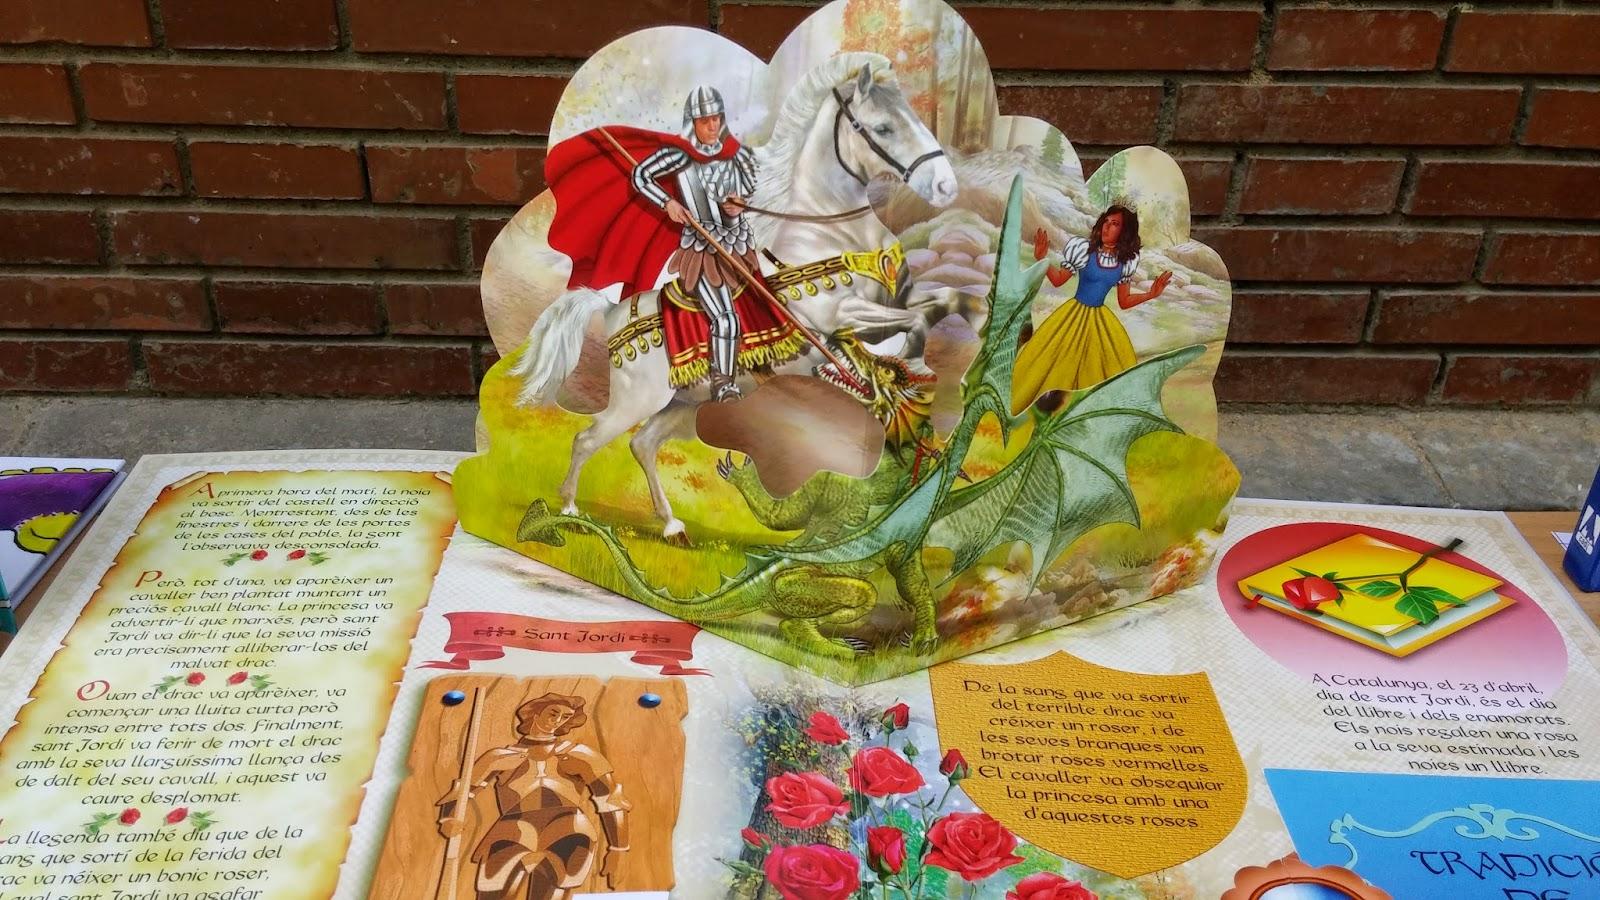 Fes clic aquí per veure les fotos de Sant Jordi